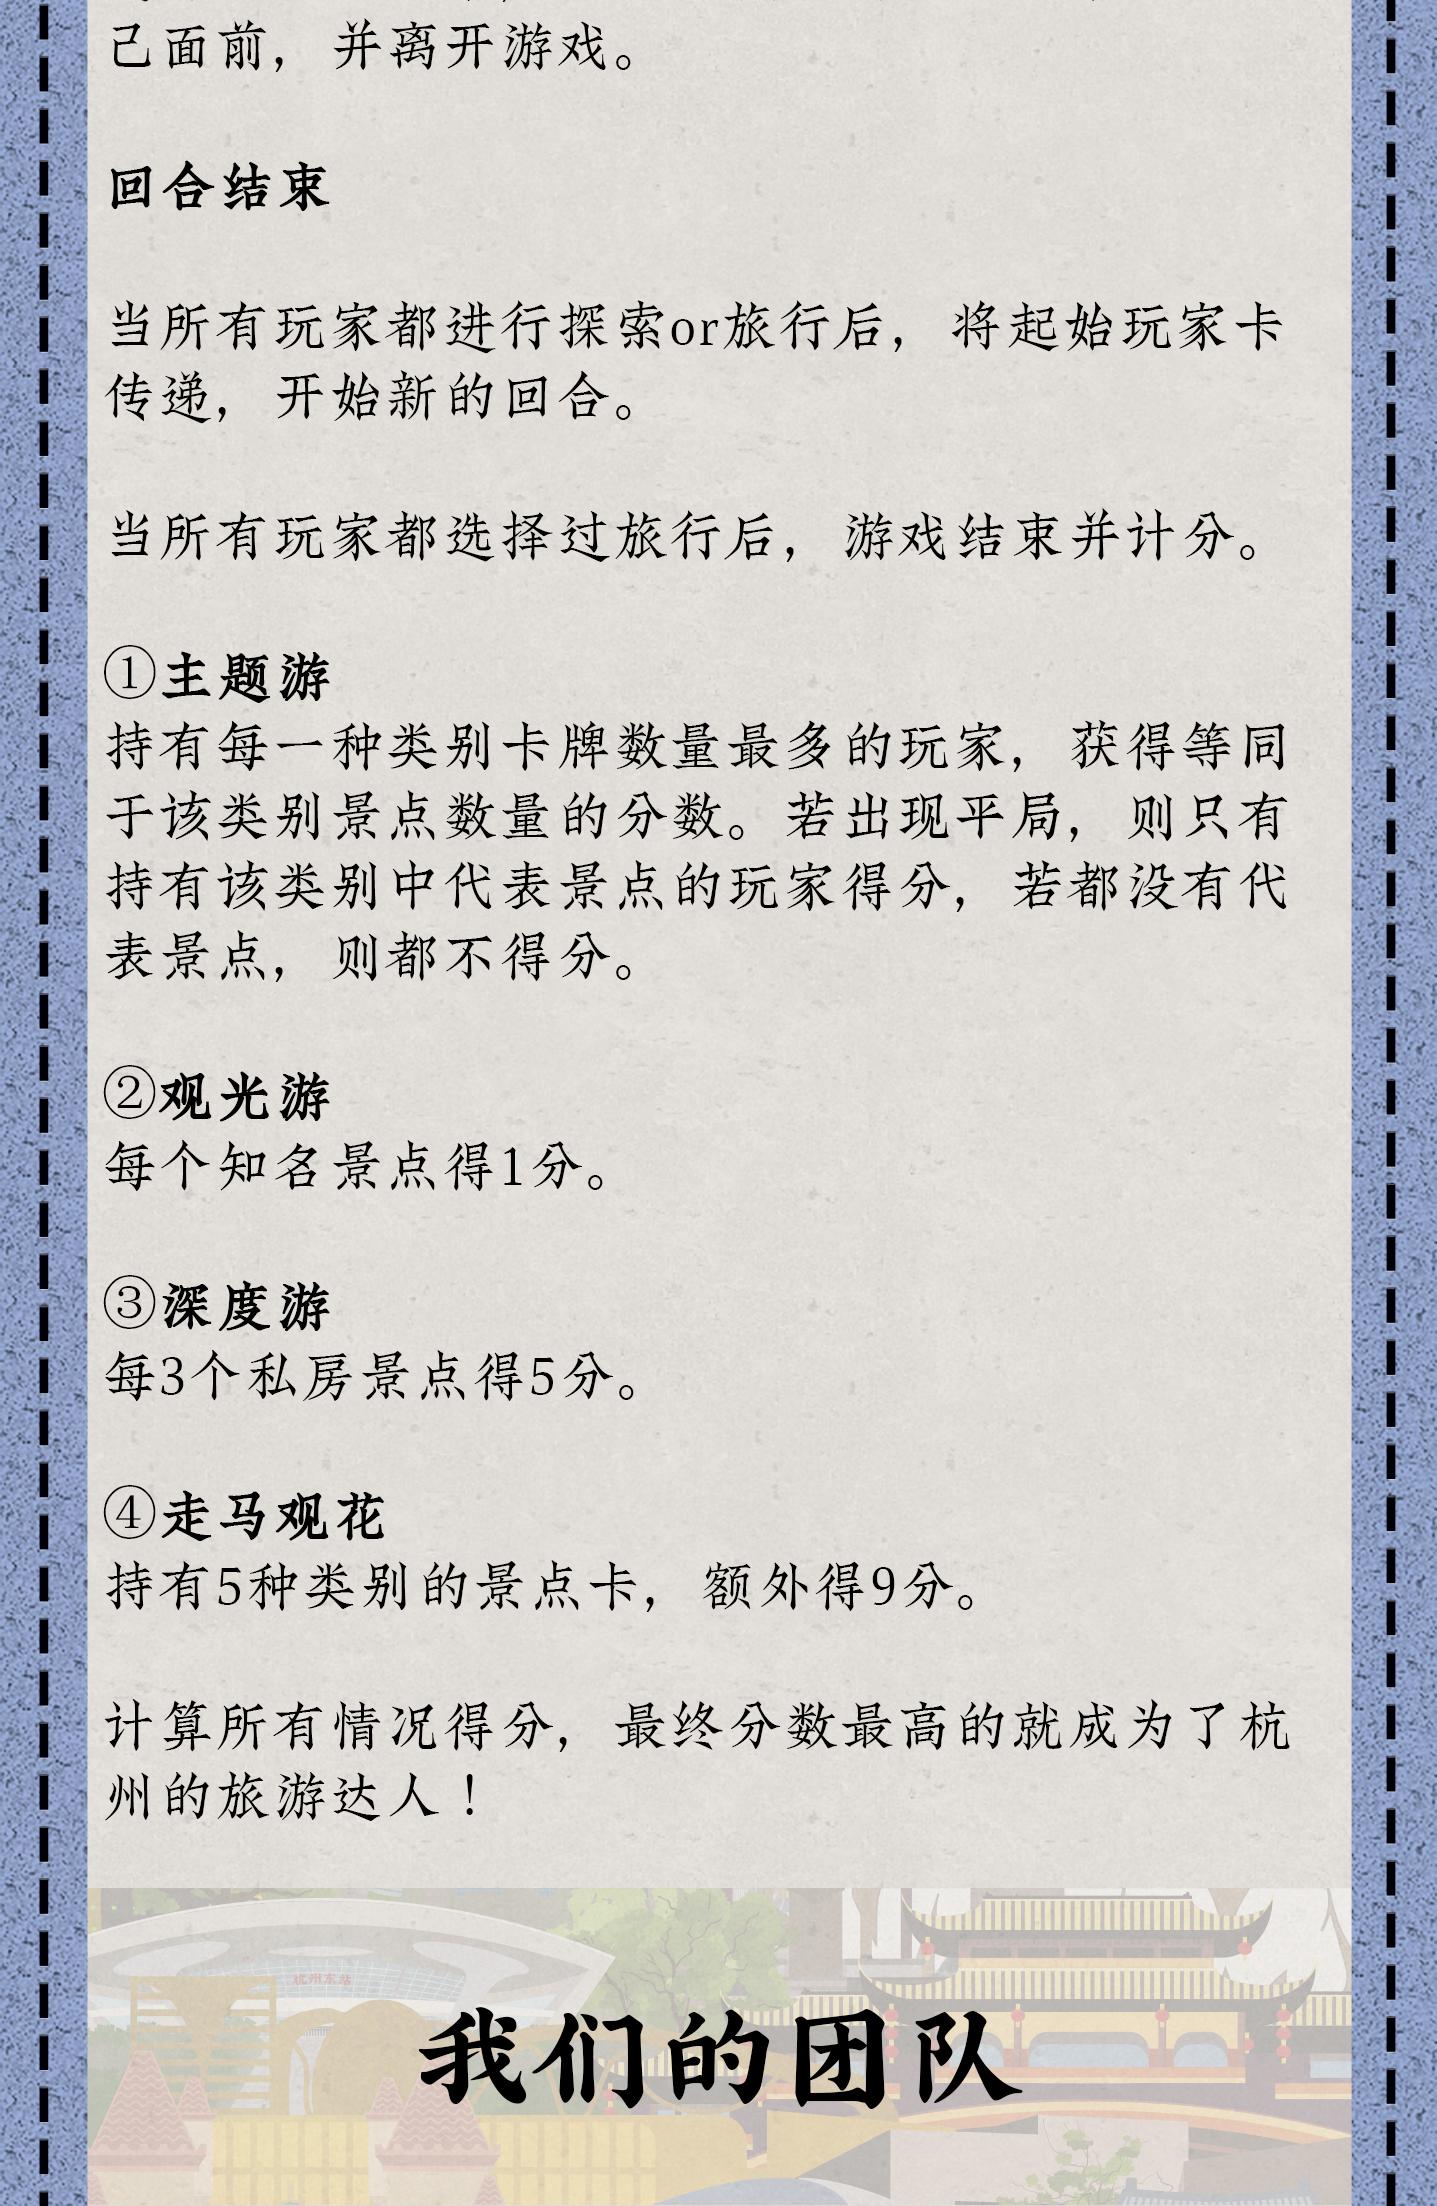 众筹详情页_07.jpg